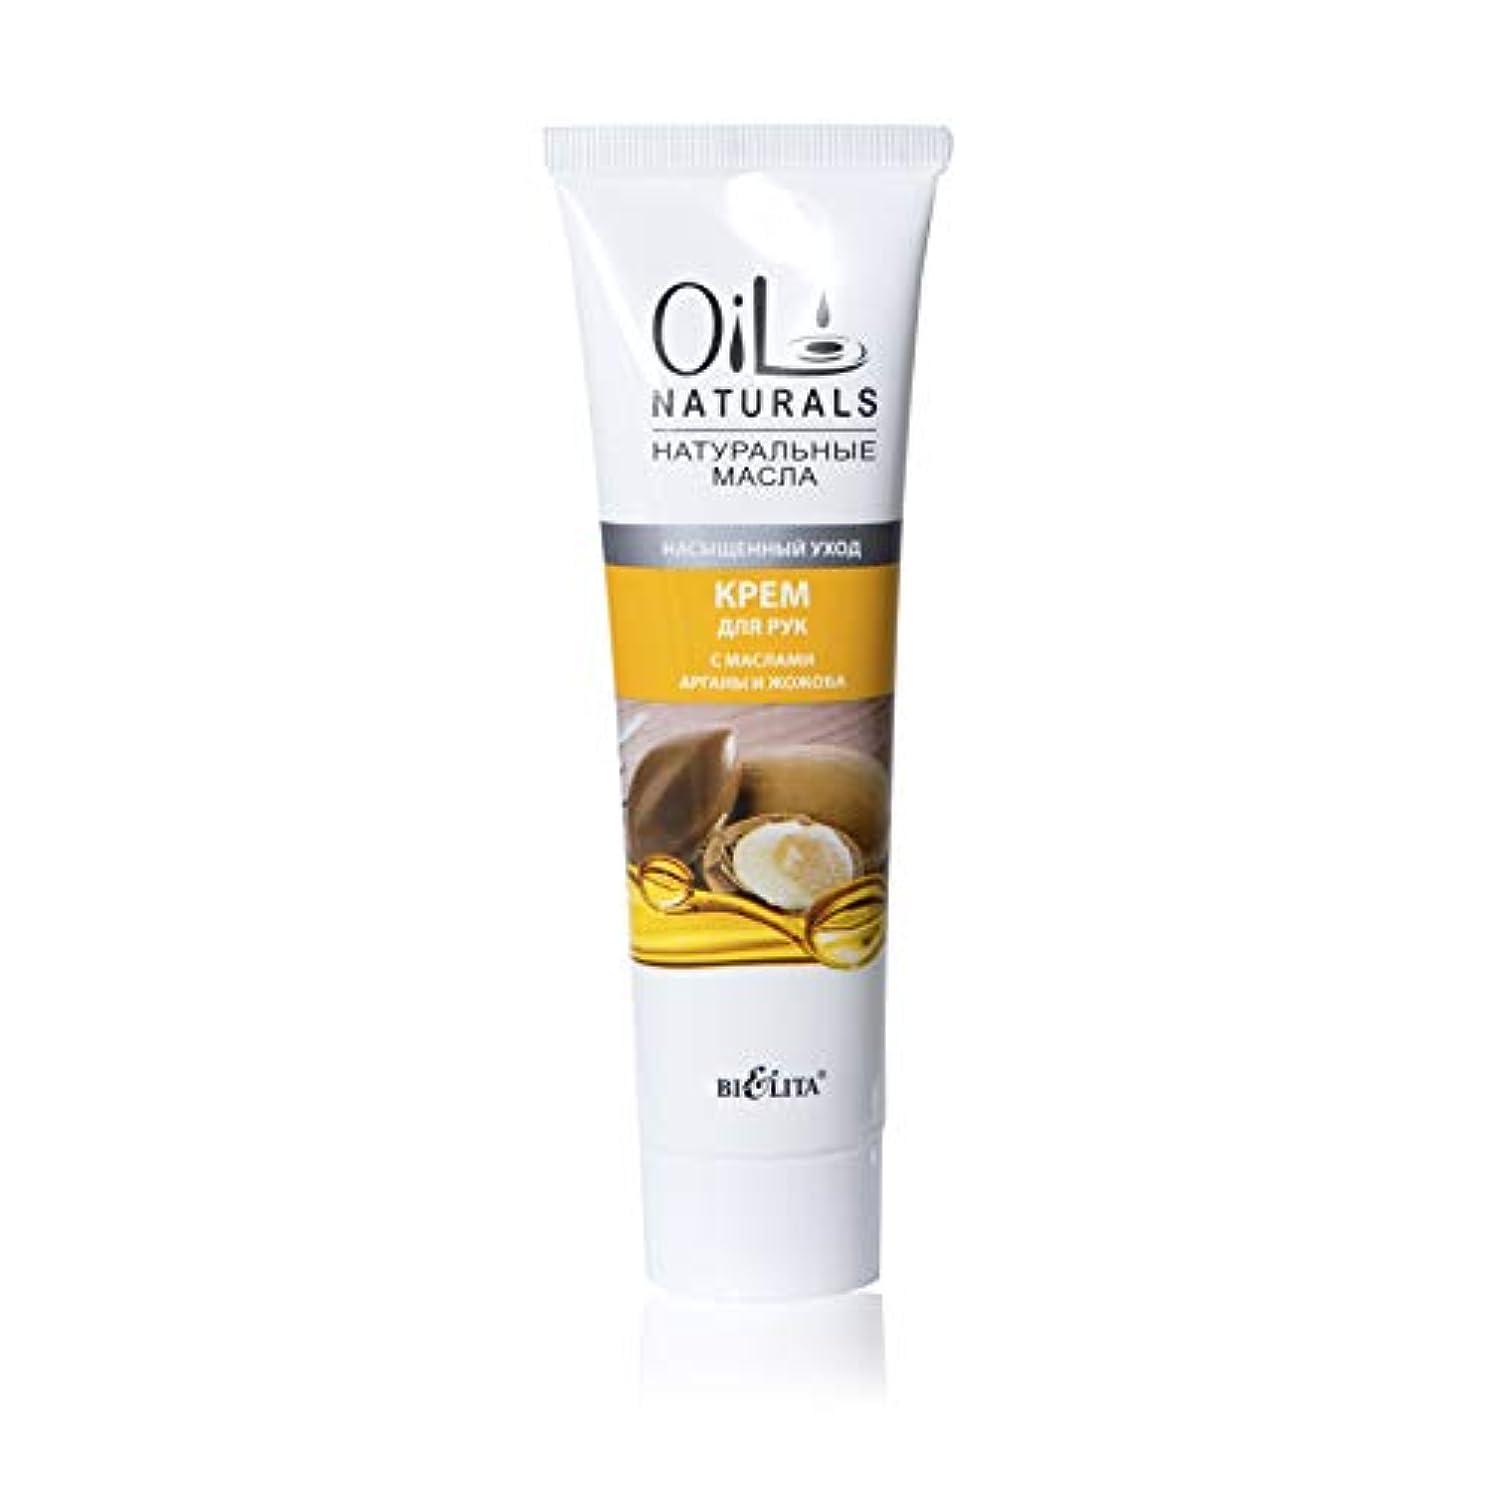 静かに争いアコーBielita & Vitex Oil Naturals Line   Saturate Care Hand Cream, 100 ml   Argan Oil, Silk Proteins, Jojoba Oil, Vitamins